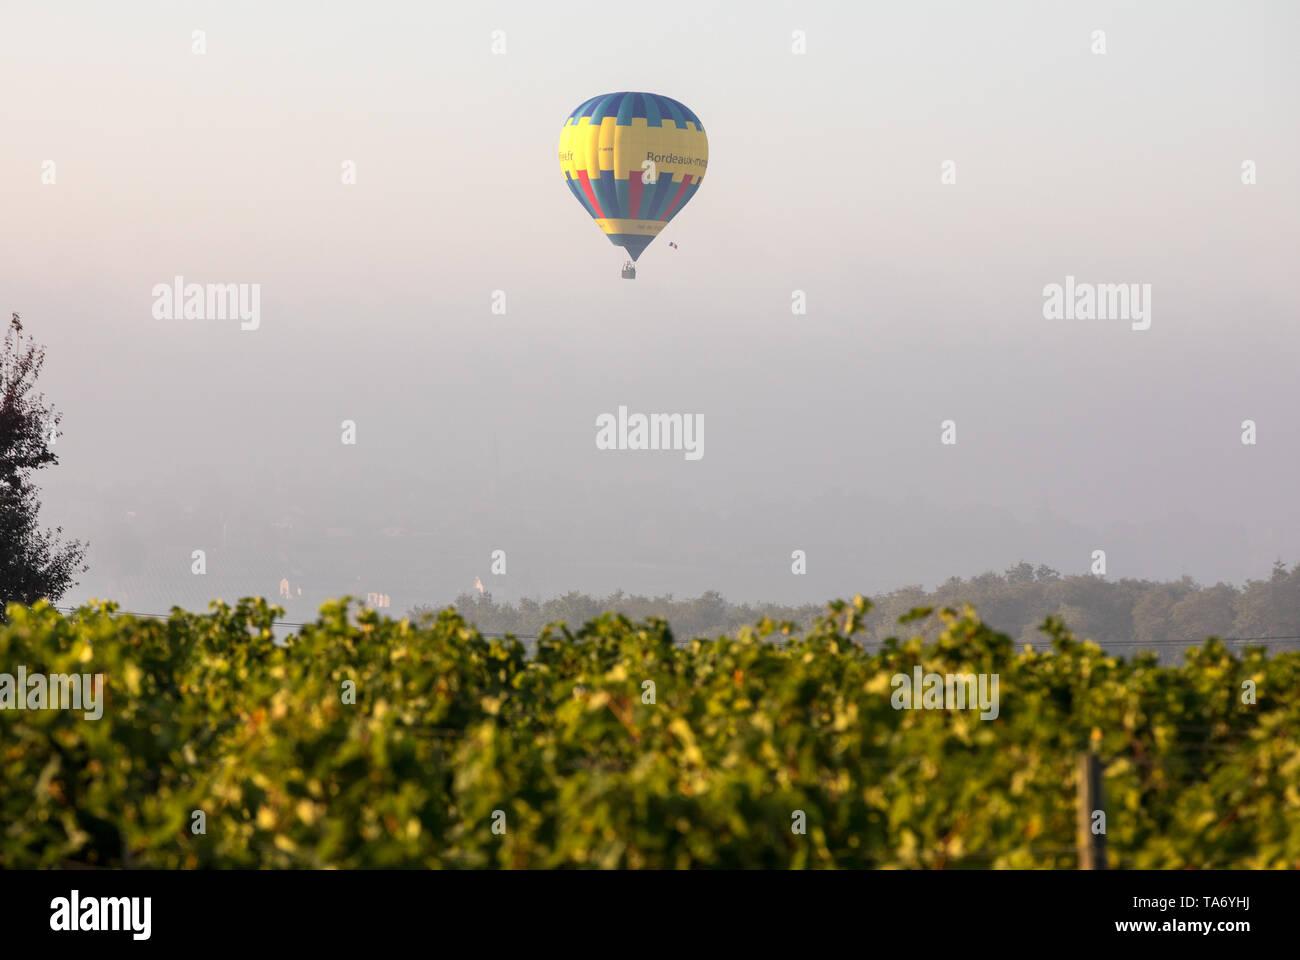 Saint Emilion, Francia - 10 Settembre 2018: Aria palloncino volare al mattino sui vigneti vicino a Saint Emilion. Gironde, Francia Foto Stock